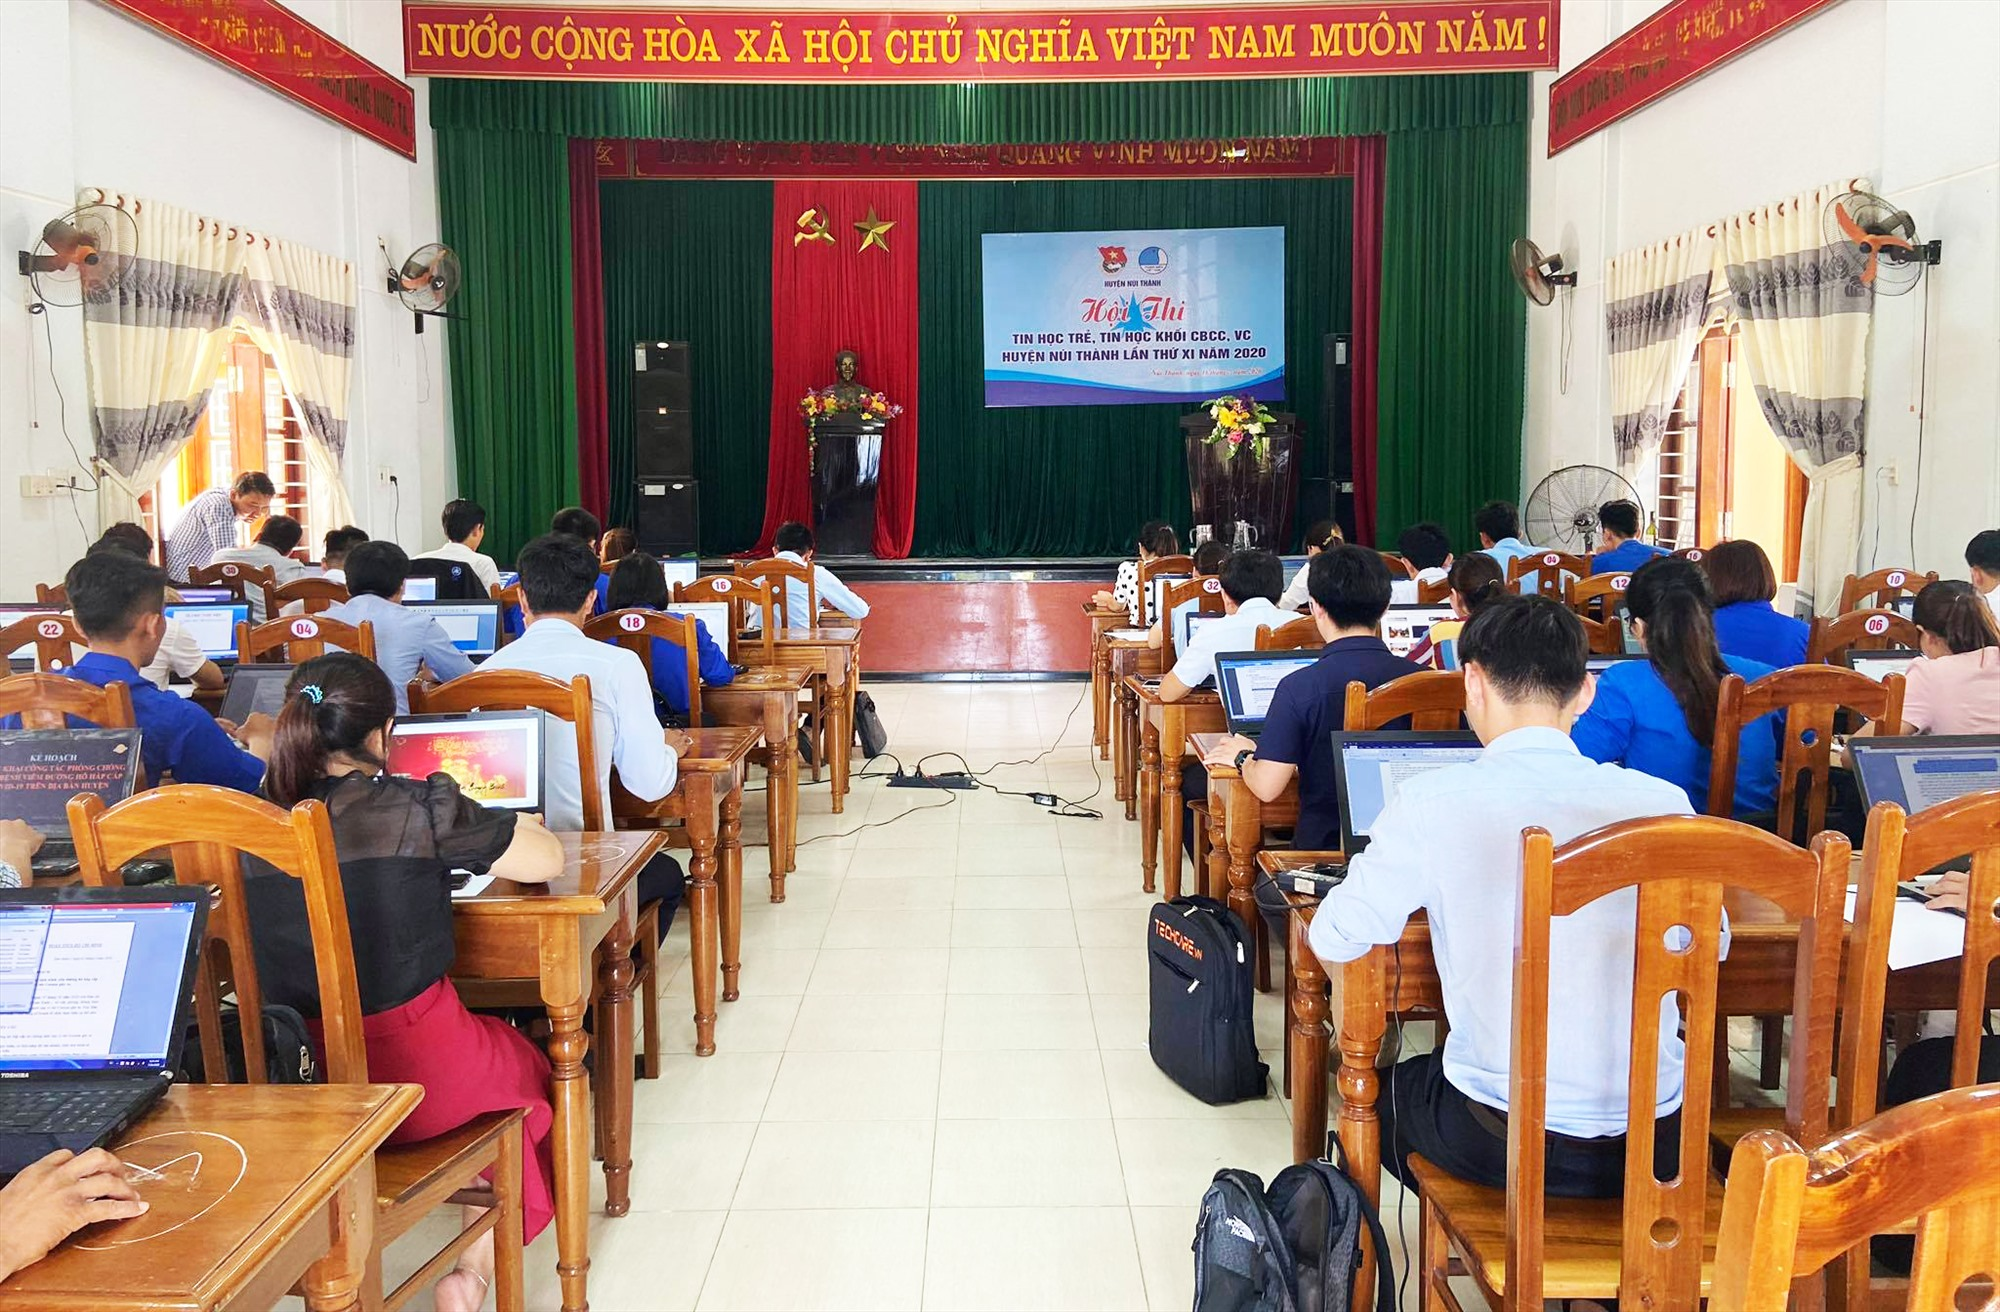 Hội thi tin học trẻ, tin học khối cán bộ công chức huyện Núi Thành lần thứ XI, năm 2020. Ảnh: THÁI CƯỜNG